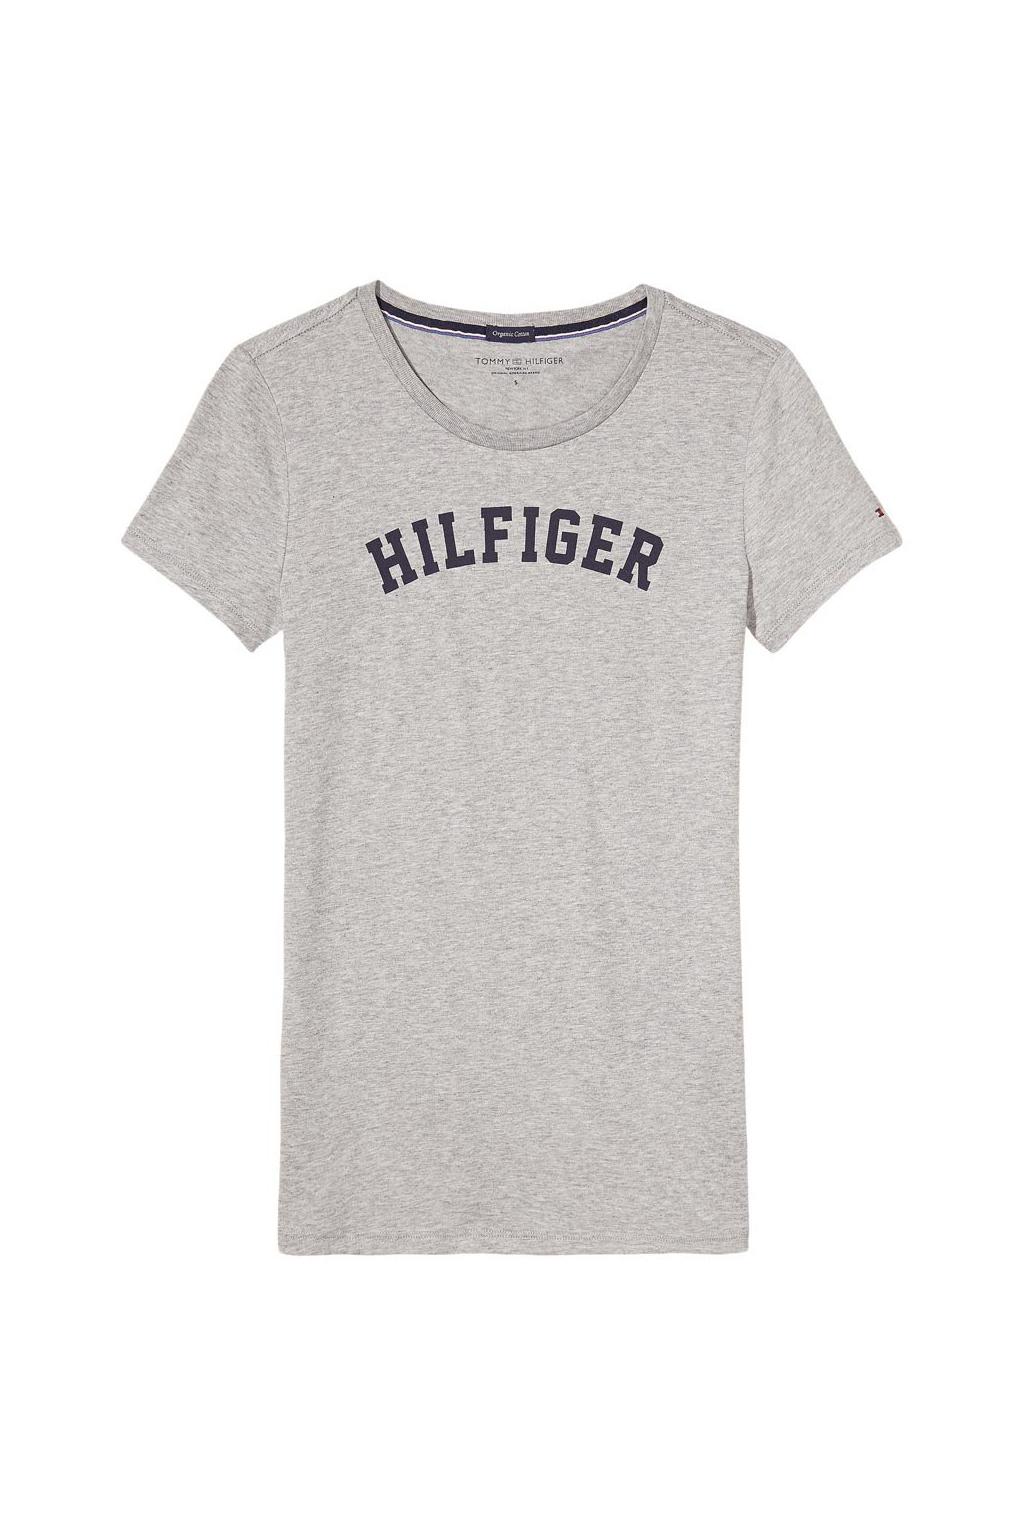 Tommy Hilfiger Tričko šedé